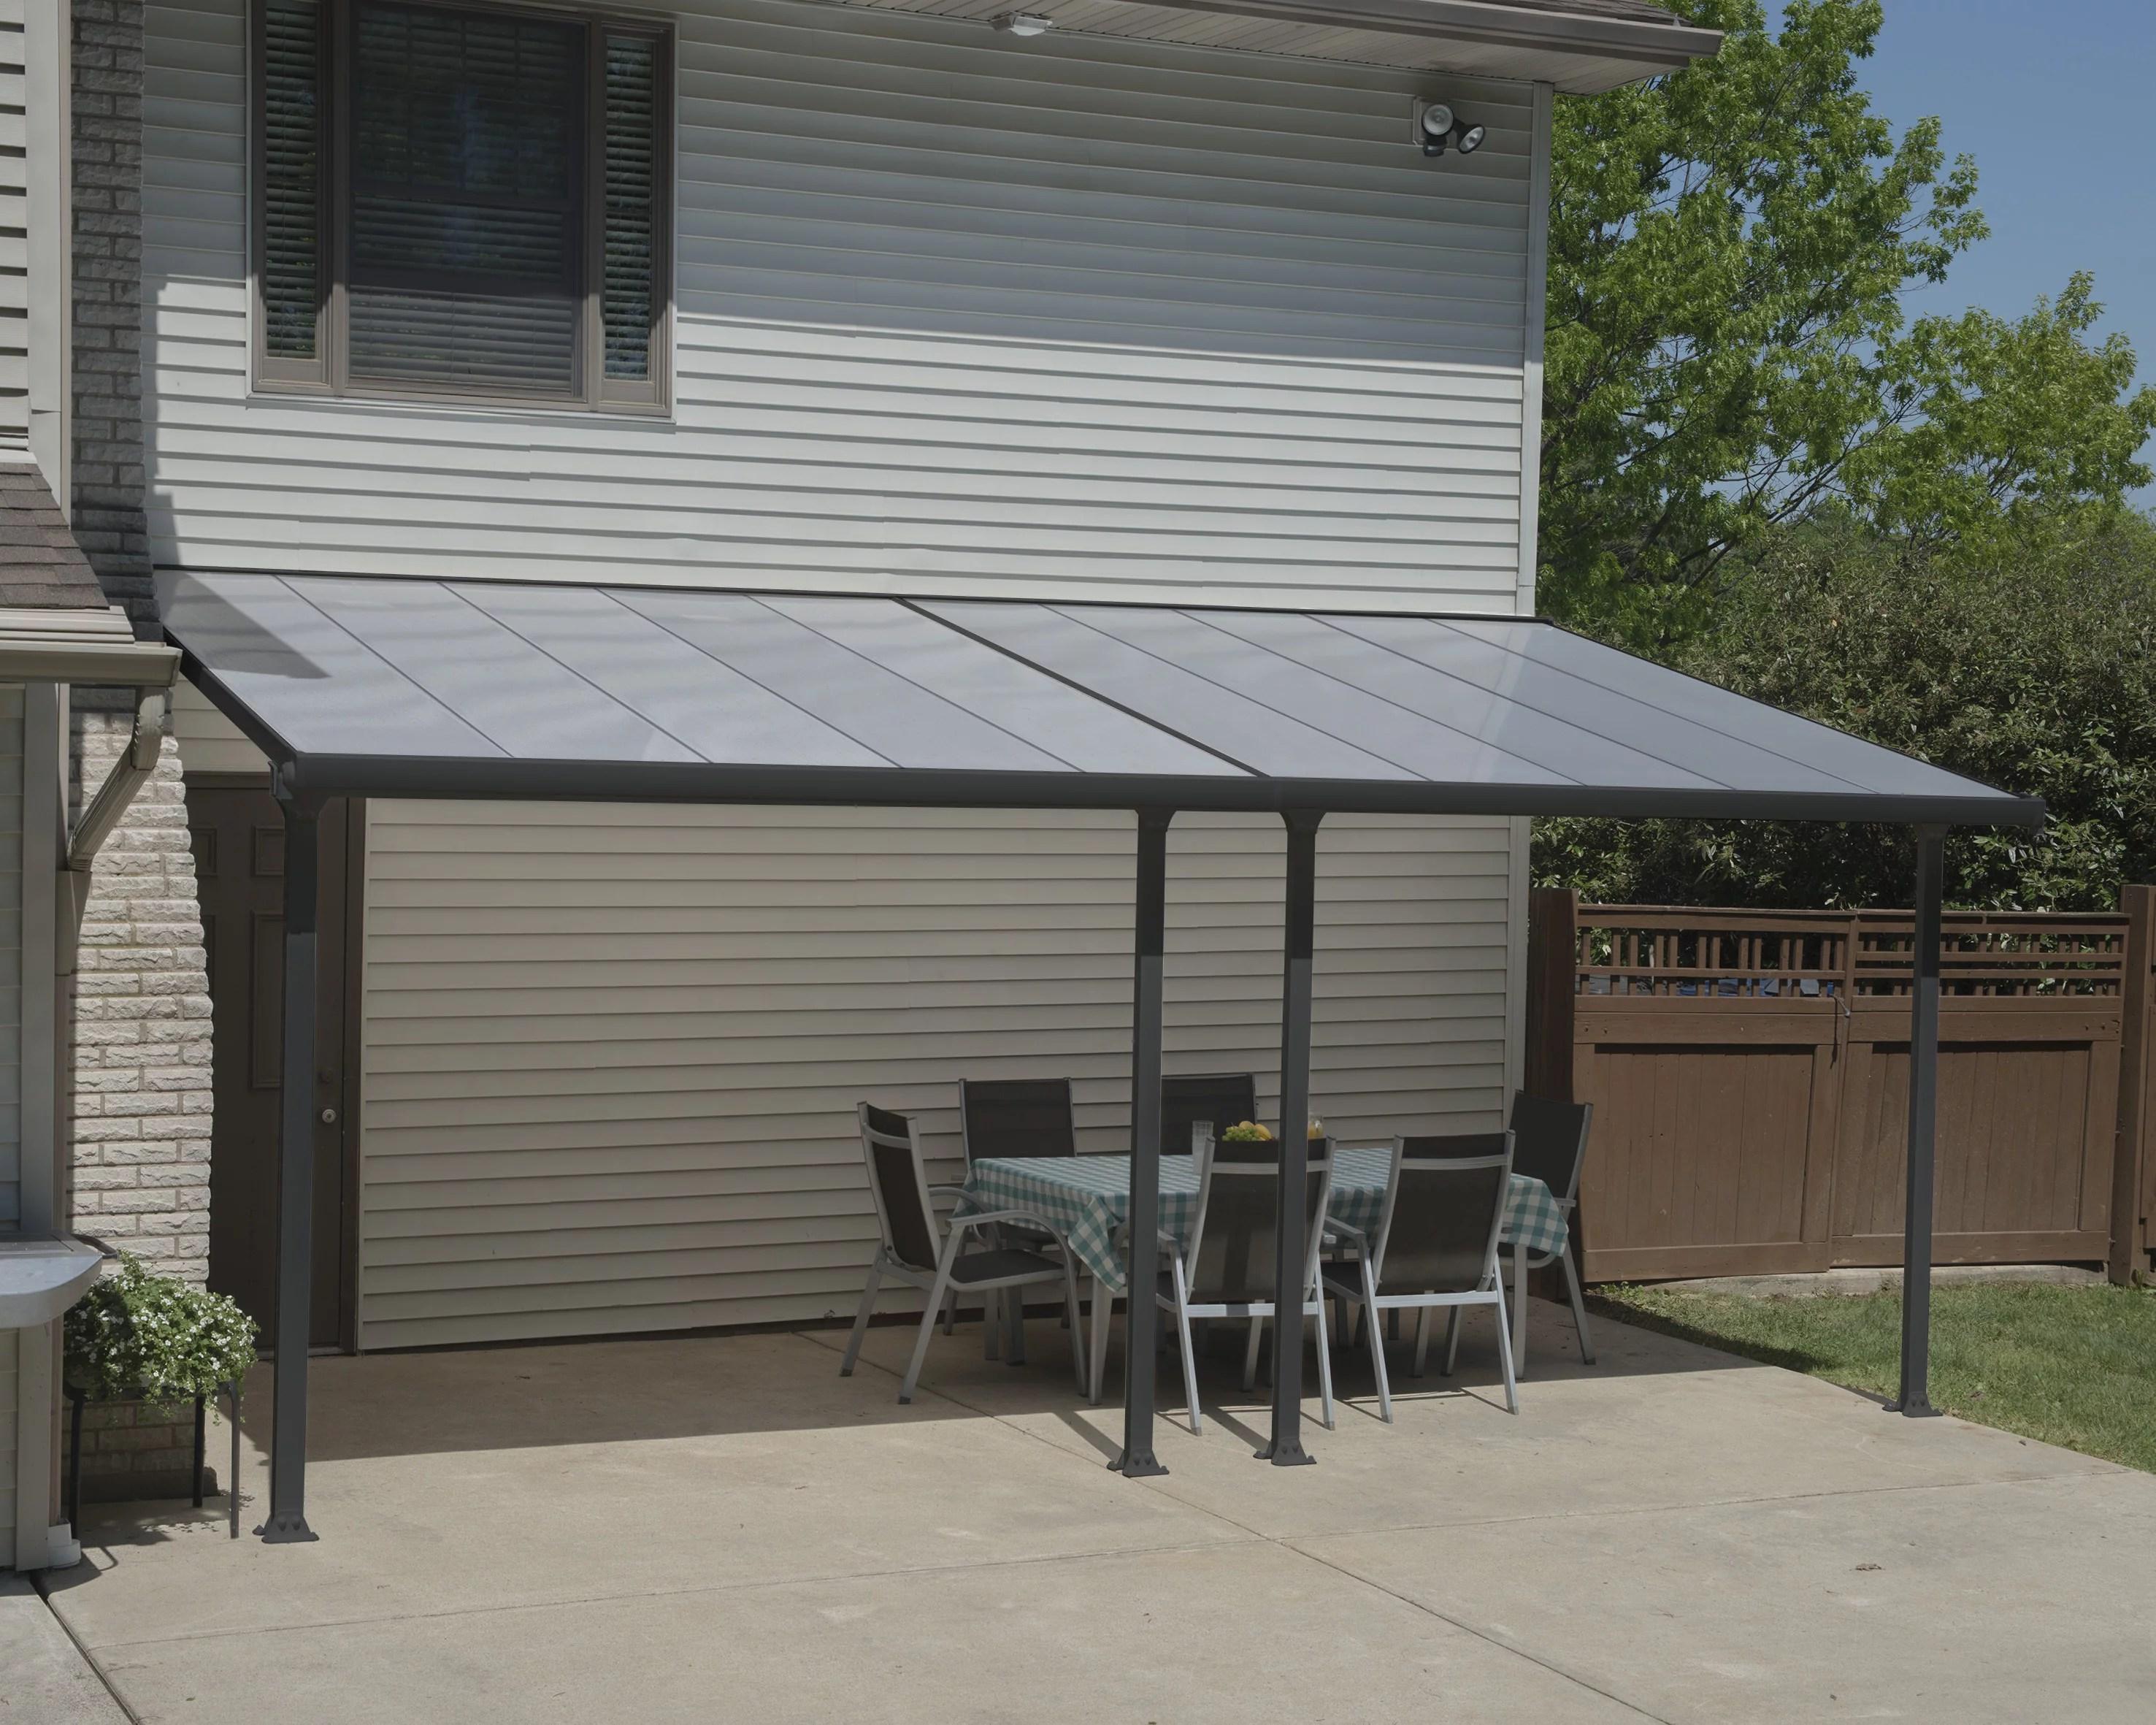 palram feria 20 x 10 patio cover gray walmart com walmart com